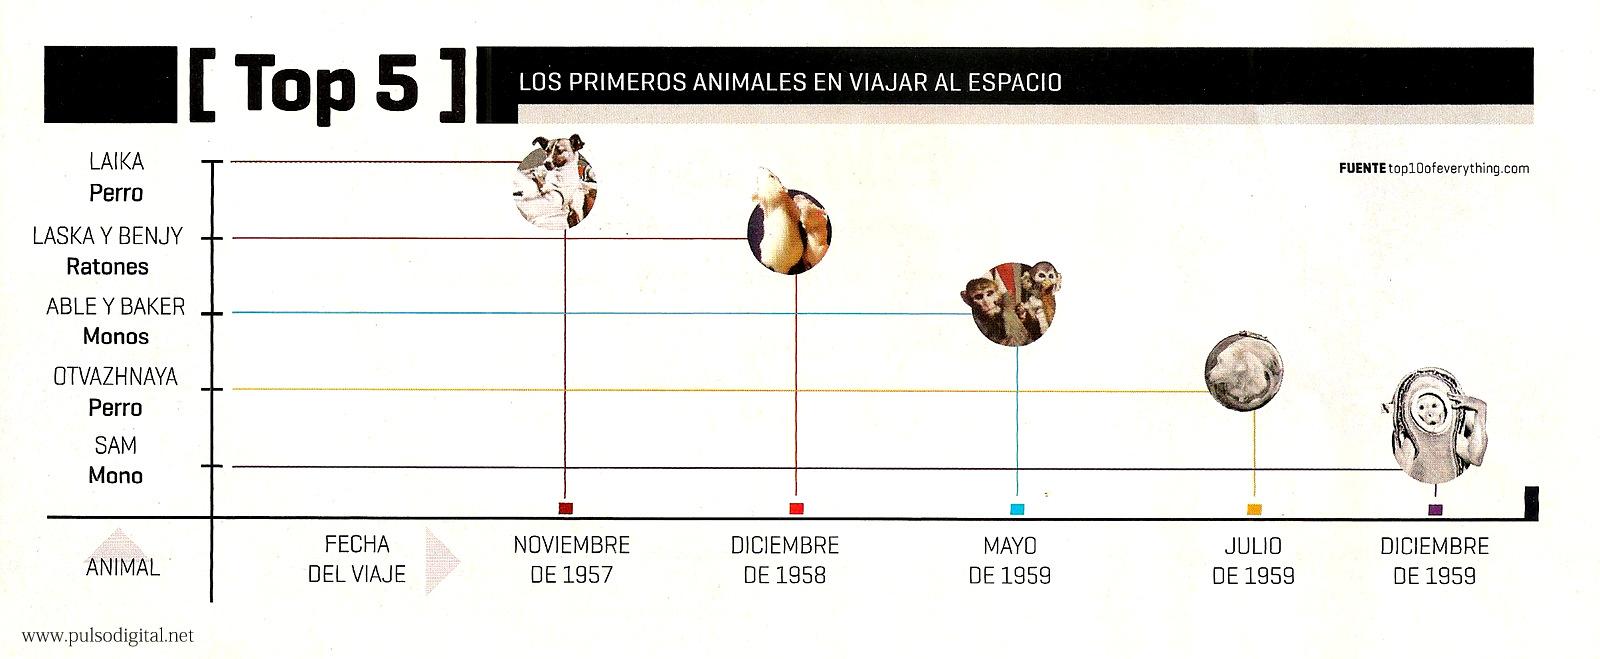 ¿Cuáles fueron los primeros animales en viajar al espacio?